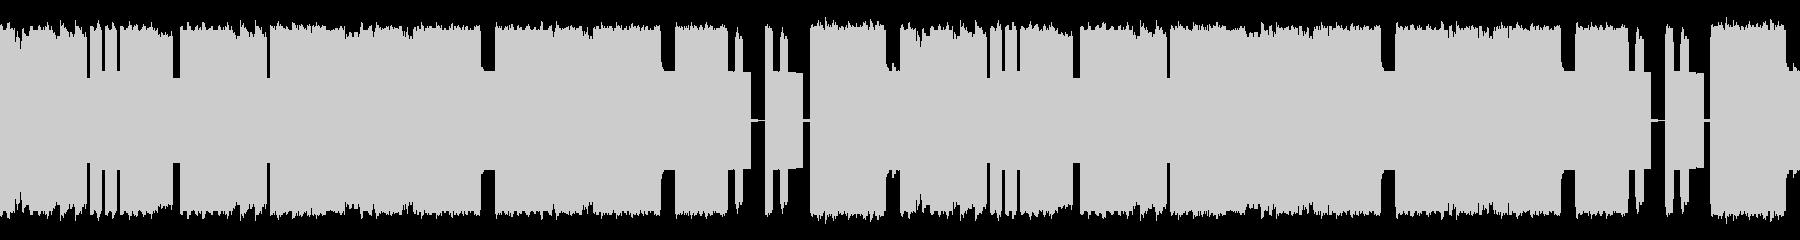 FC風ループ 王宮のおふれの未再生の波形